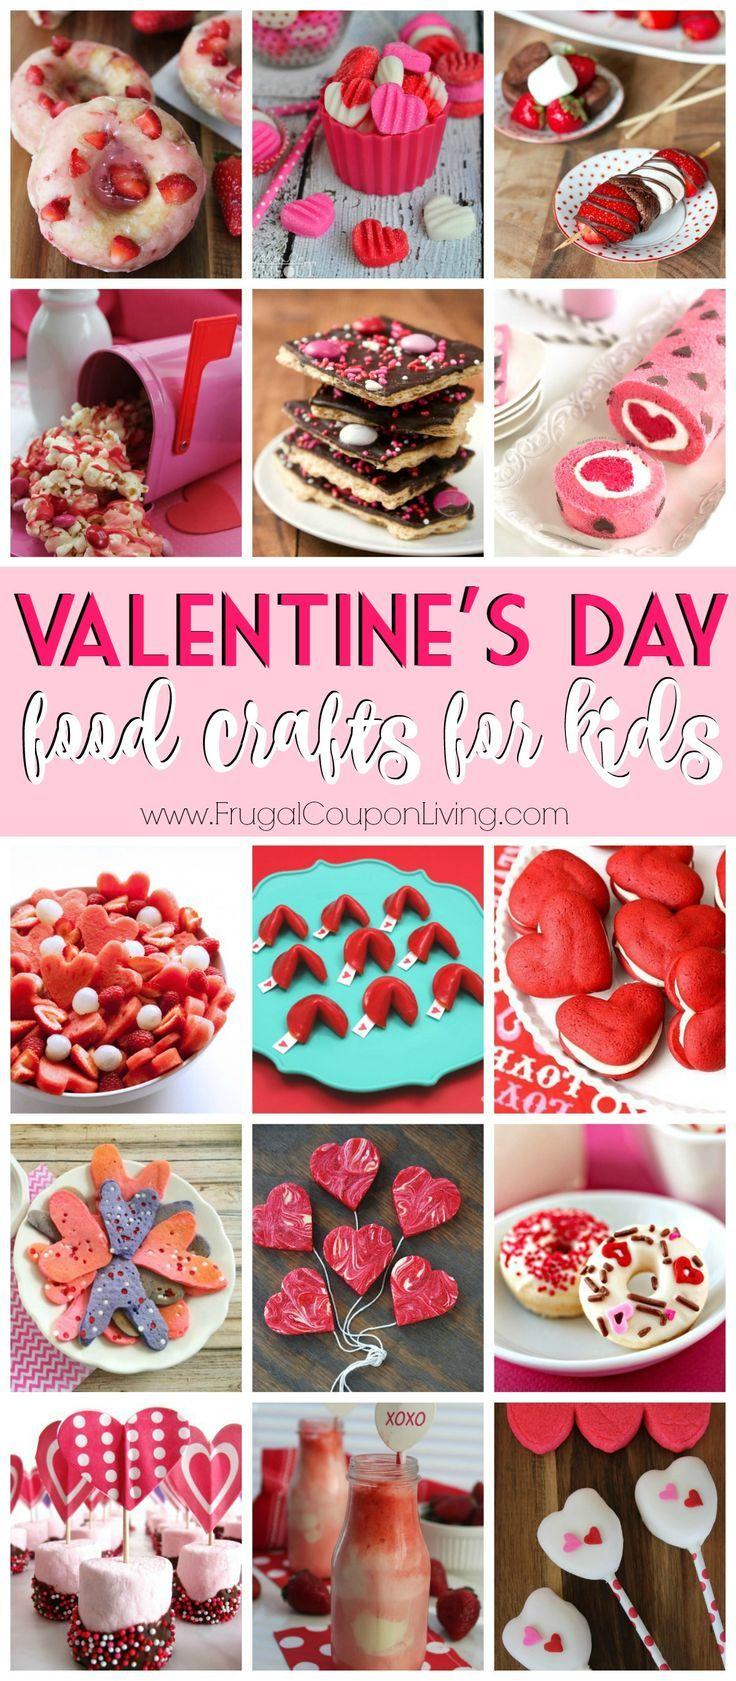 Best 25+ Valentineu0027s Day Ideas On Pinterest | Valentines Day Holiday, Valentineu0027s  Day Printables And Diy Valentineu0027s Day